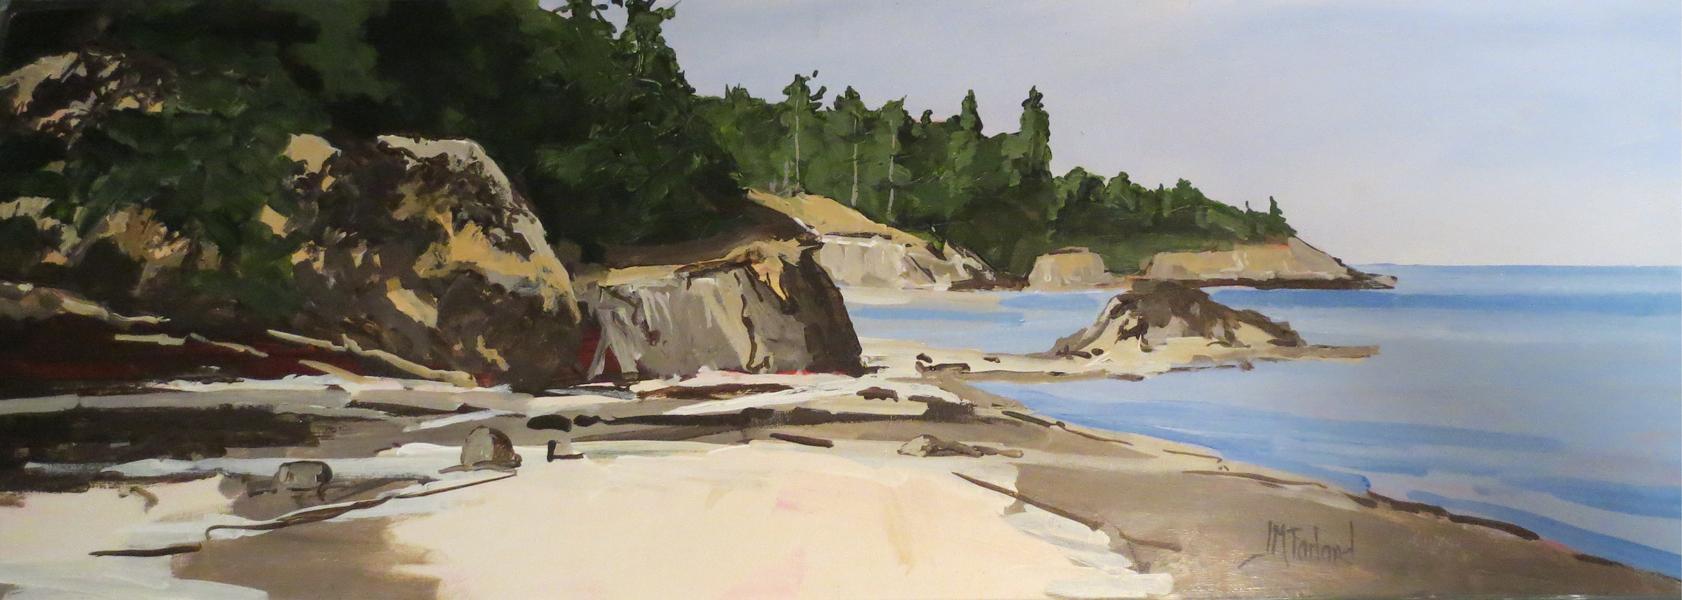 McFarland, Jim - Wiers Beach